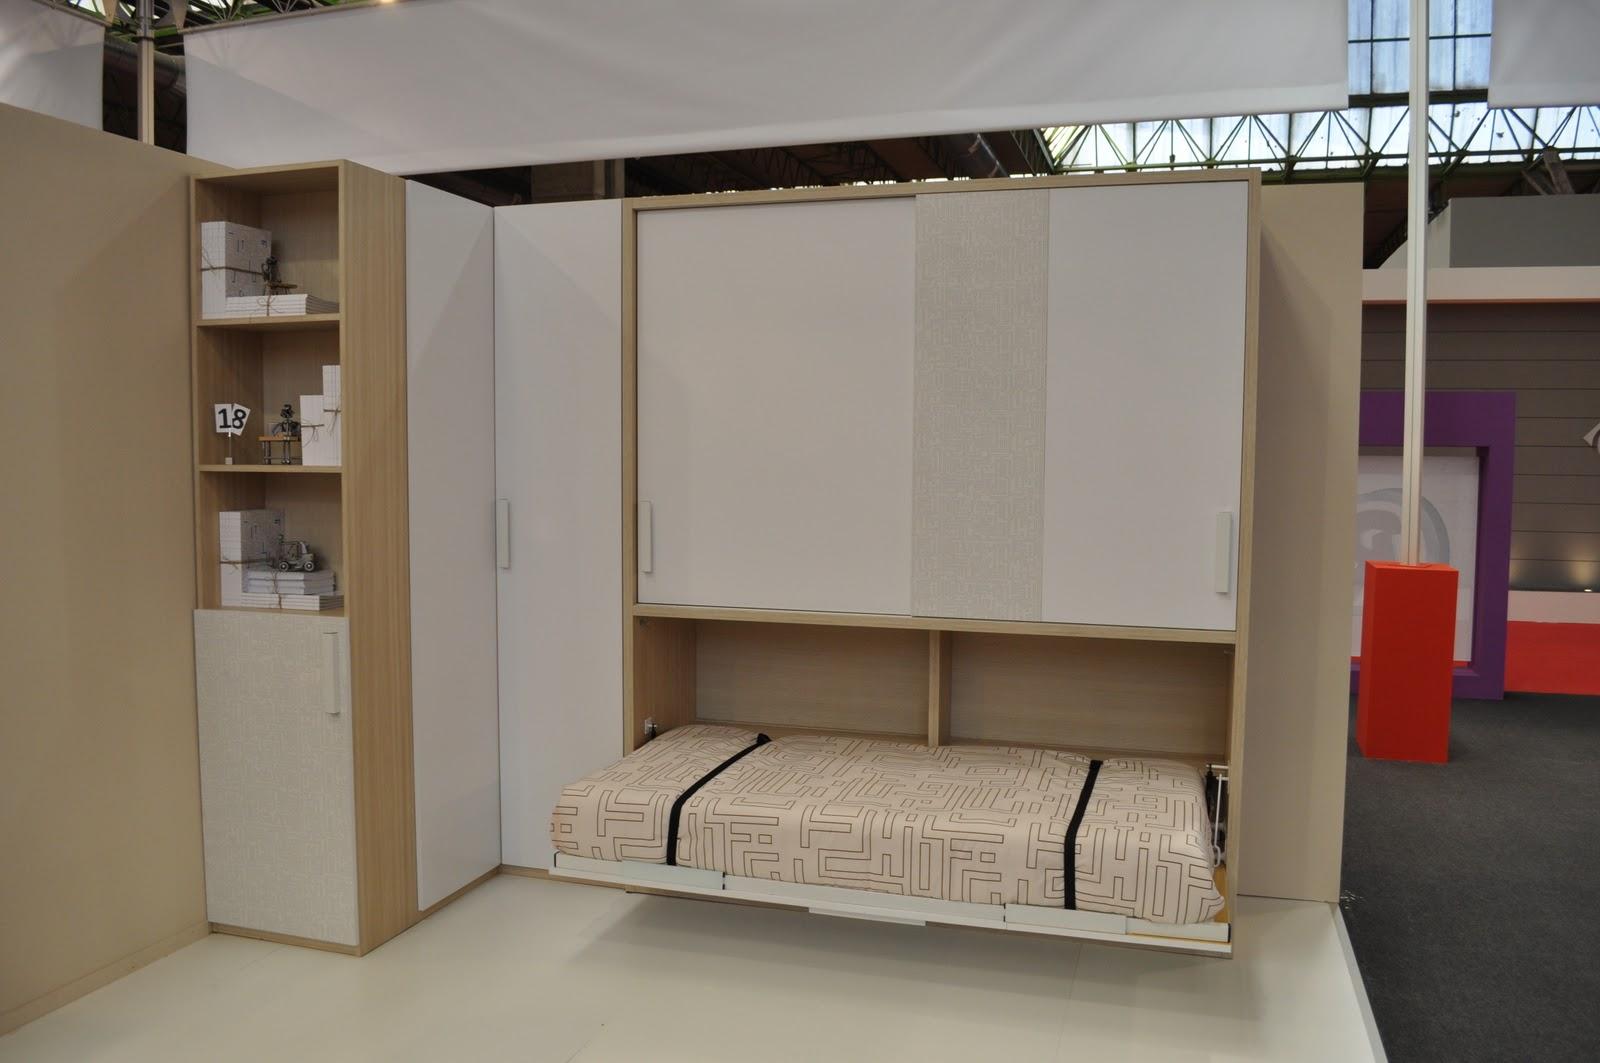 Muebles ros feria de zaragoza camas abatibles for Camas abatibles